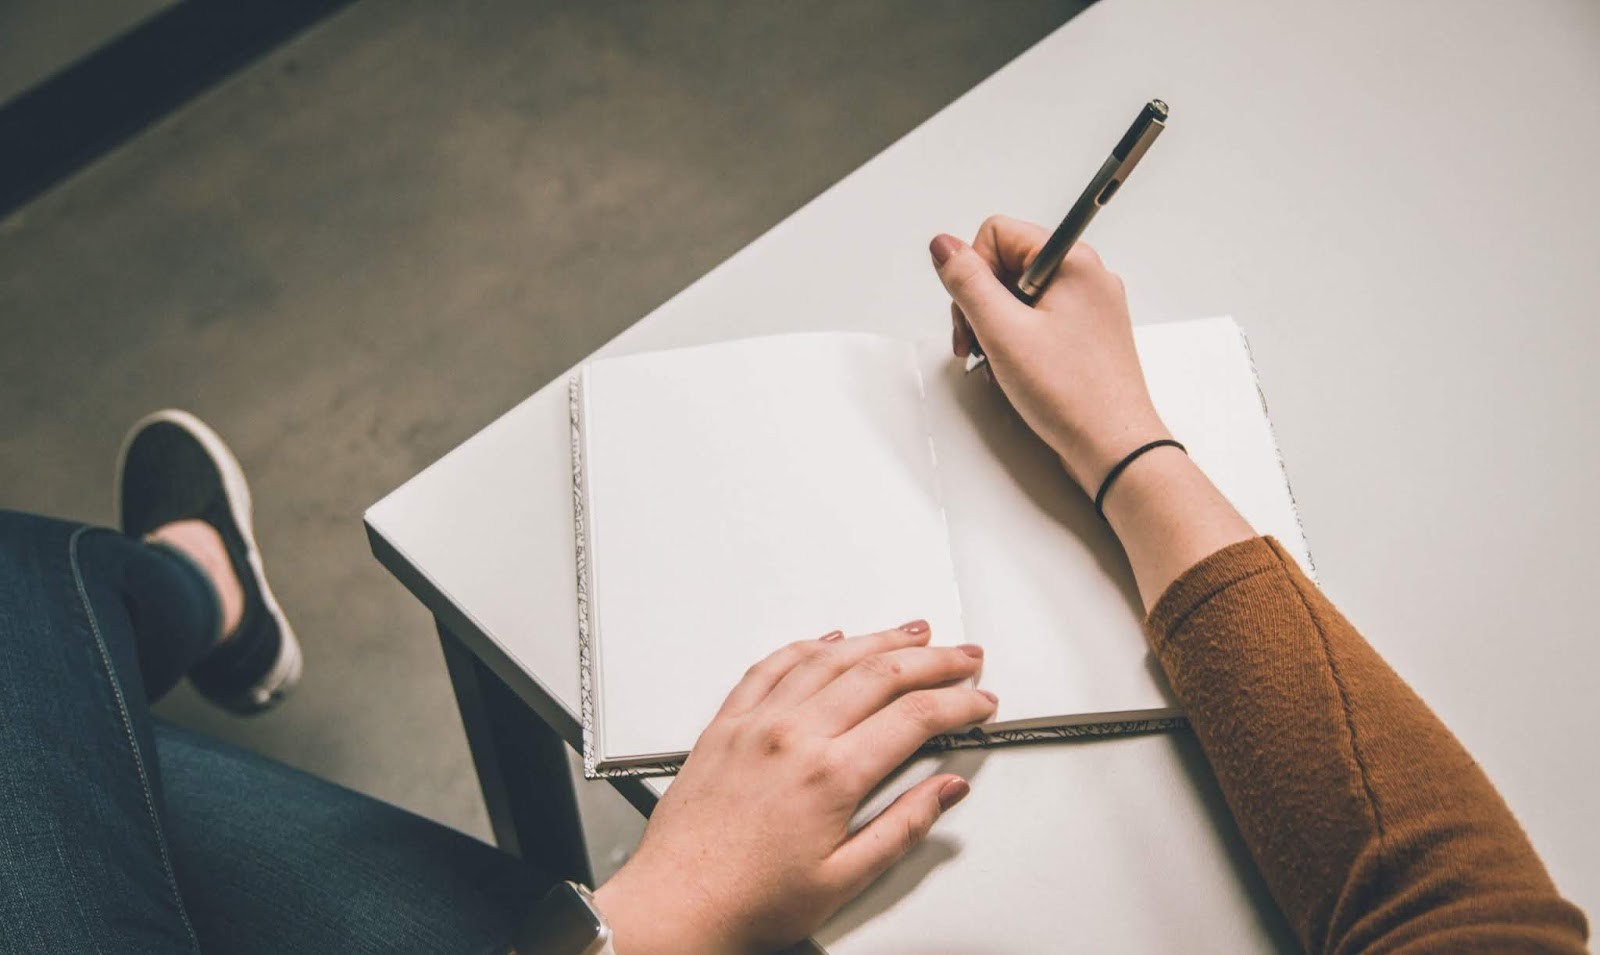 4 Contoh Teks Paragraf Narasi Singkat Tentang Kesehatan Lingkungan Sekolah Persahabatan Dan Pengalaman Pribadi Terbaru 2020 Bertajuk Com